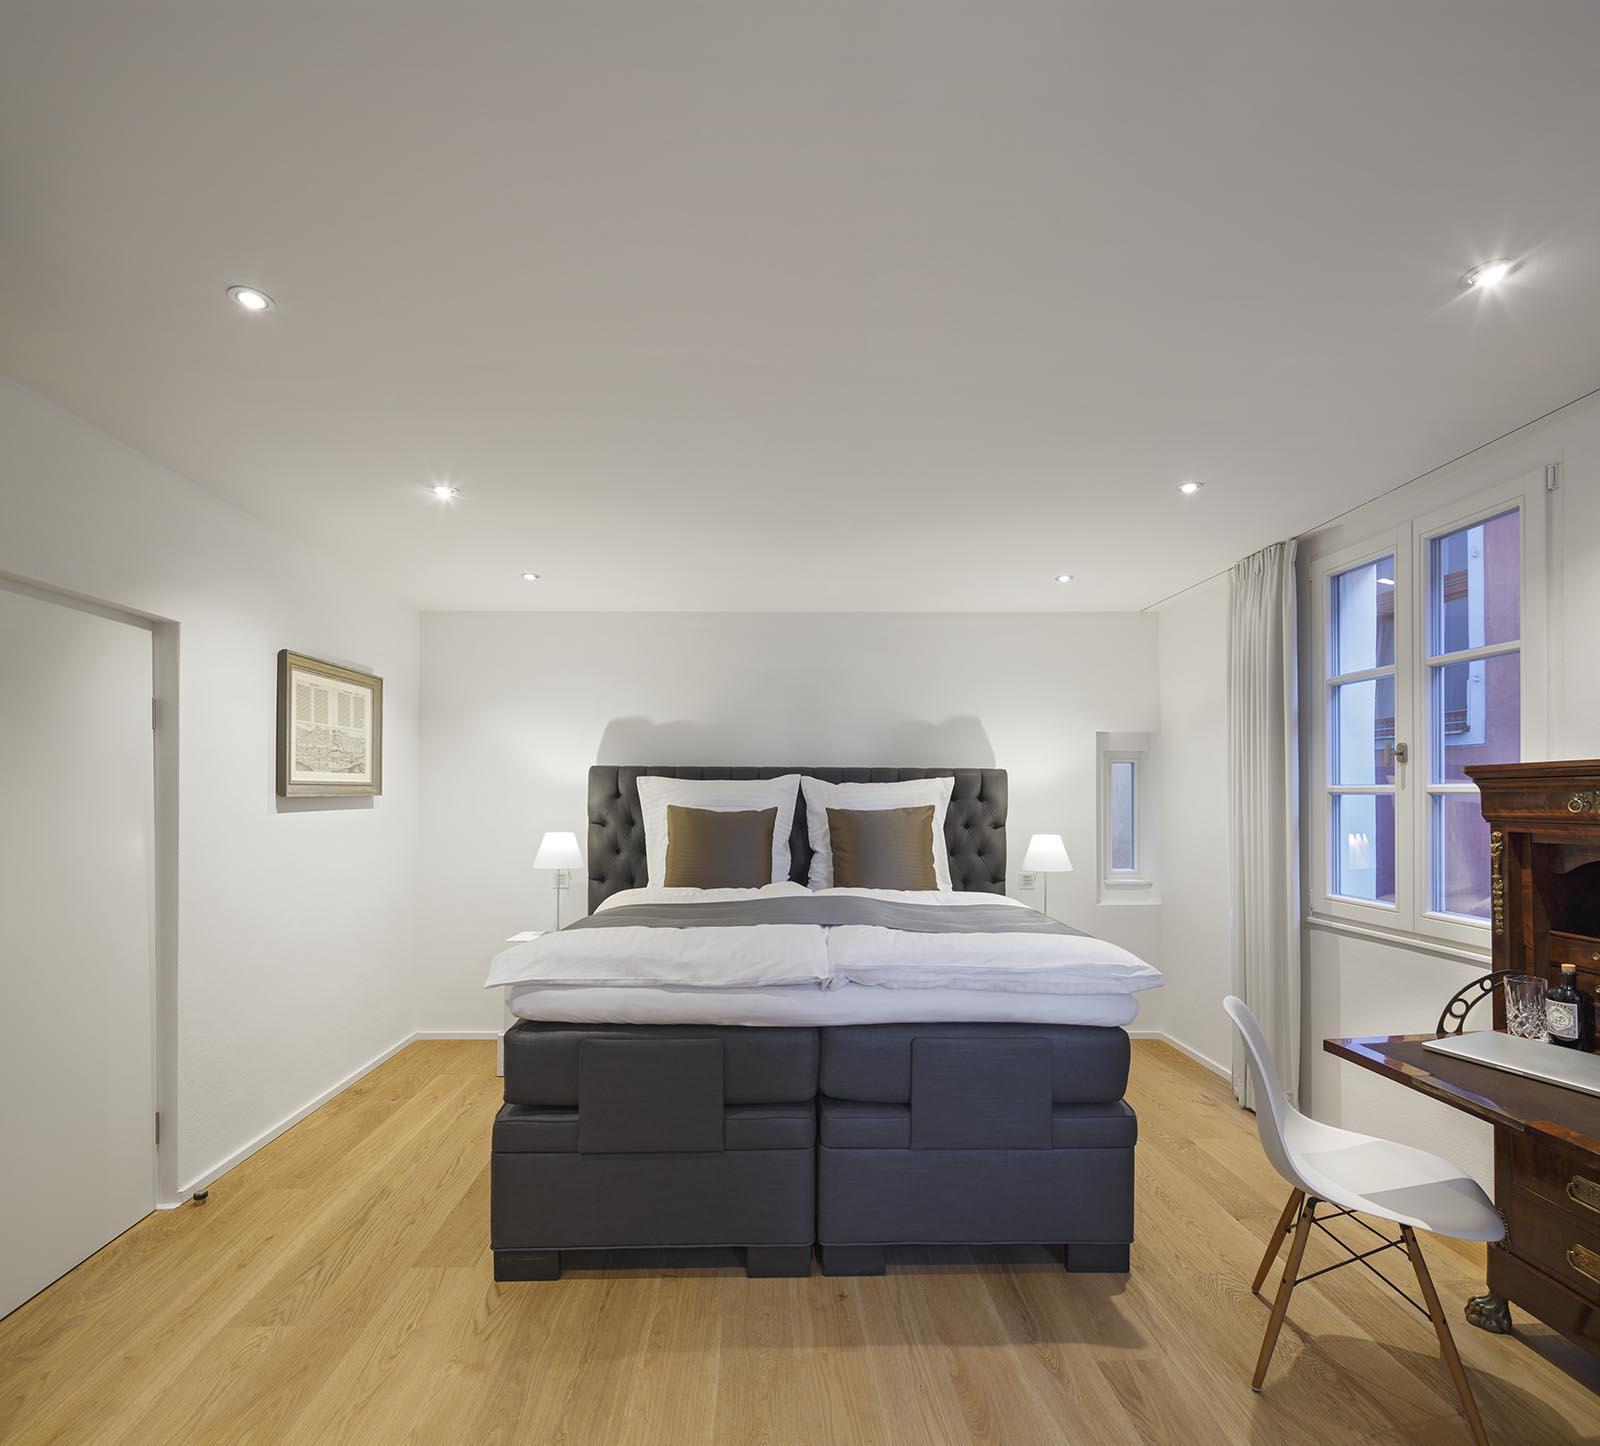 Master Bedroom Suite Domresidenz Regensburg mit Luxus Boxspringbett